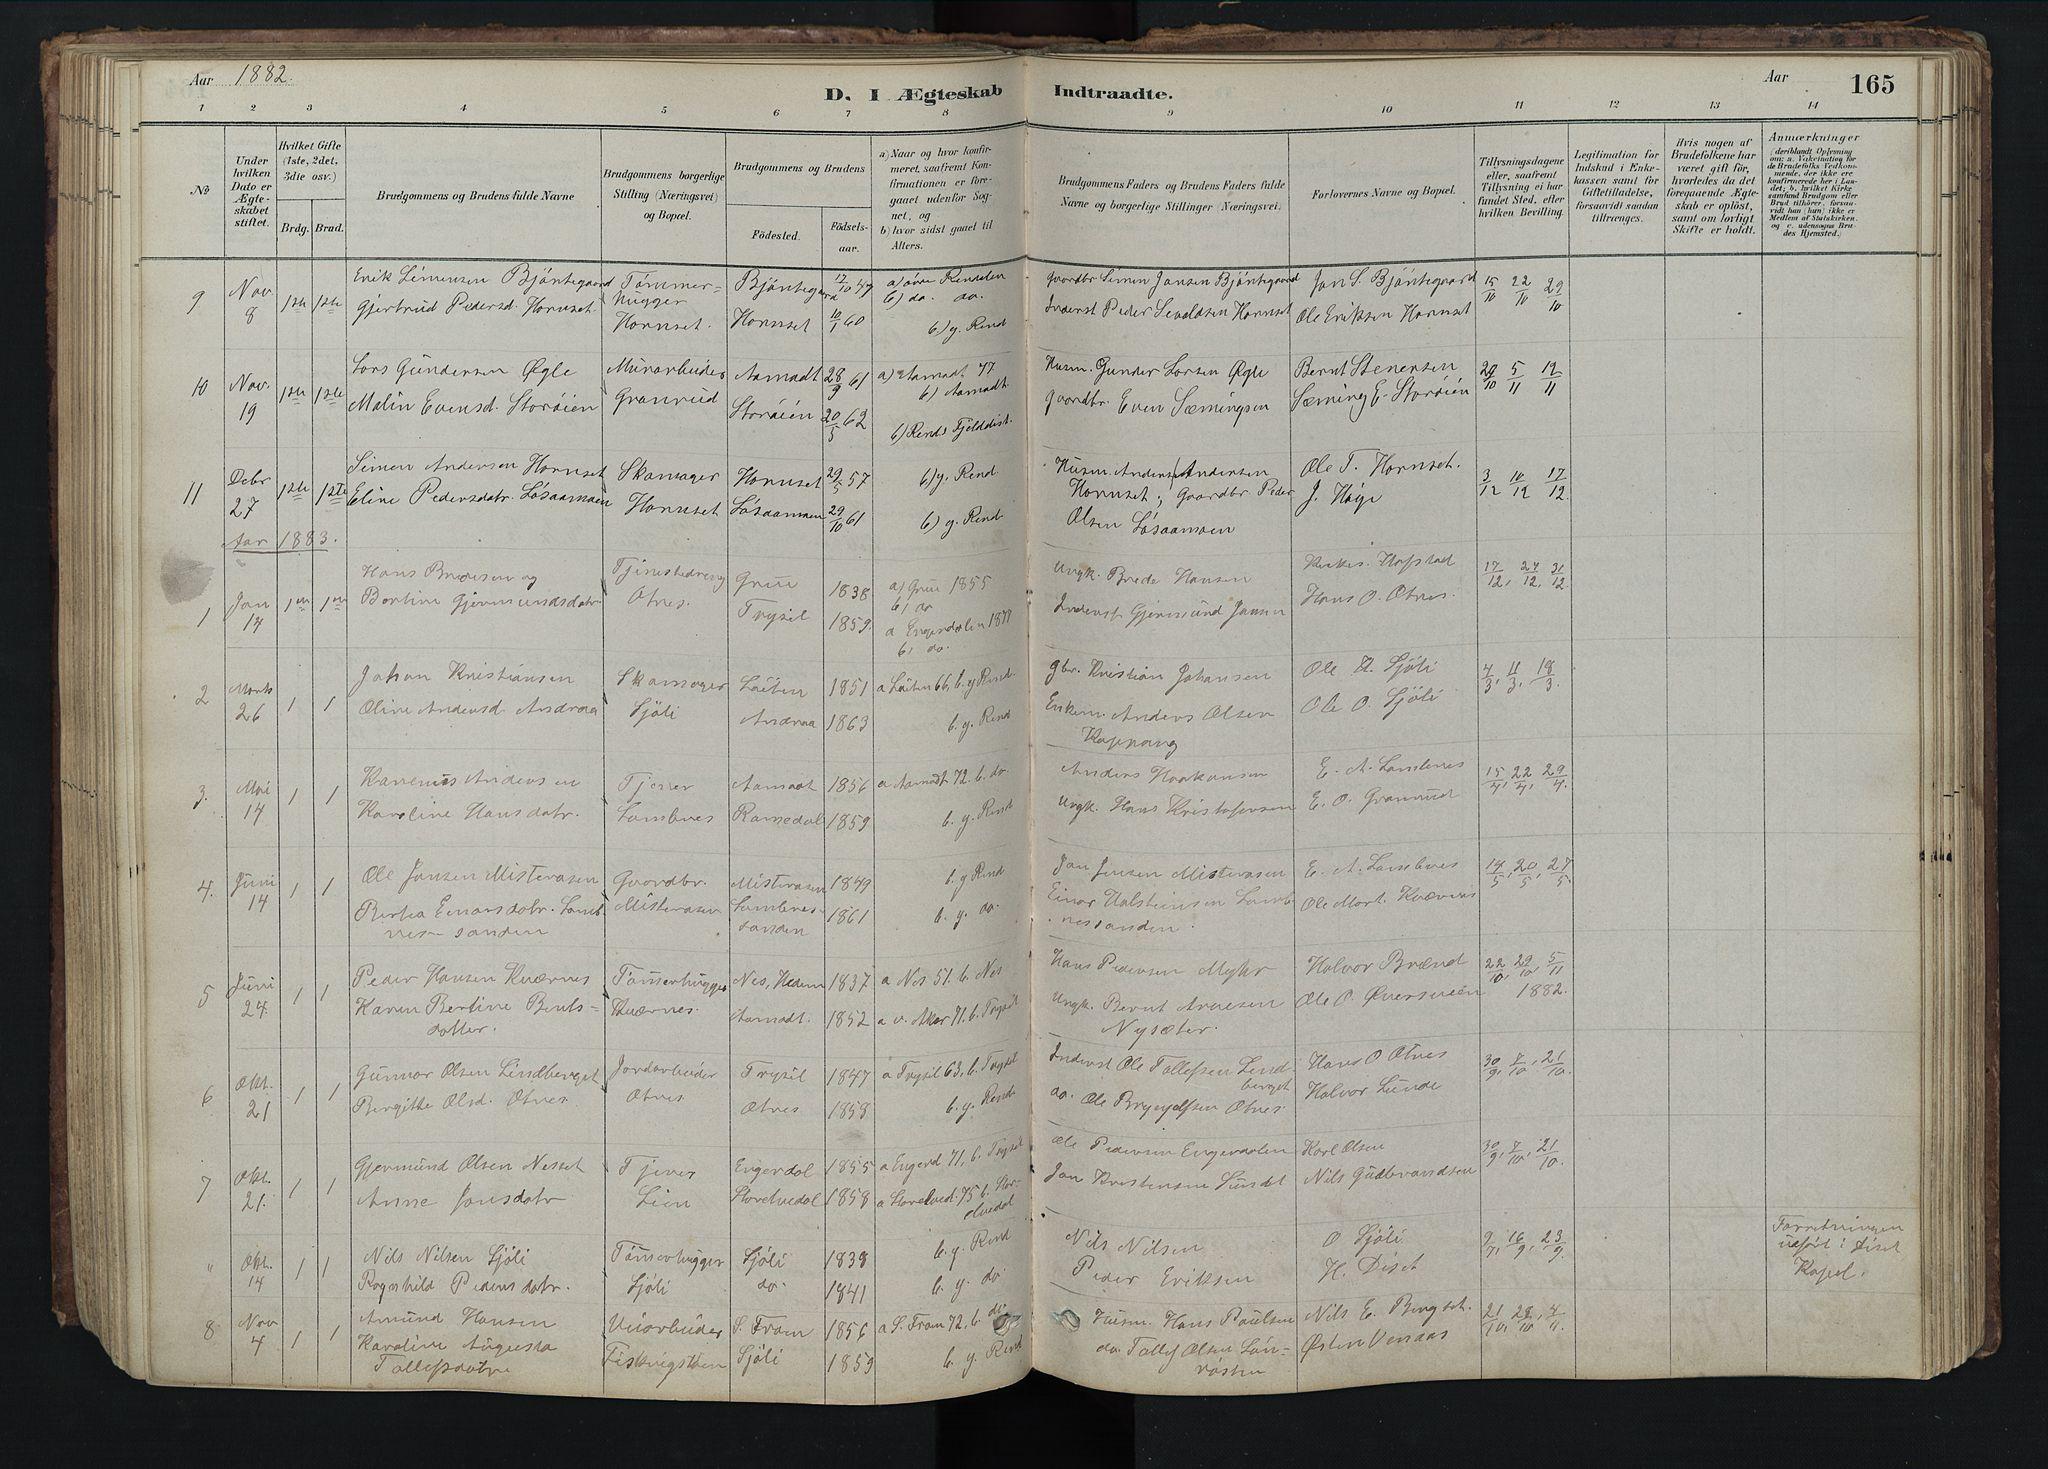 SAH, Rendalen prestekontor, H/Ha/Hab/L0009: Klokkerbok nr. 9, 1879-1902, s. 165